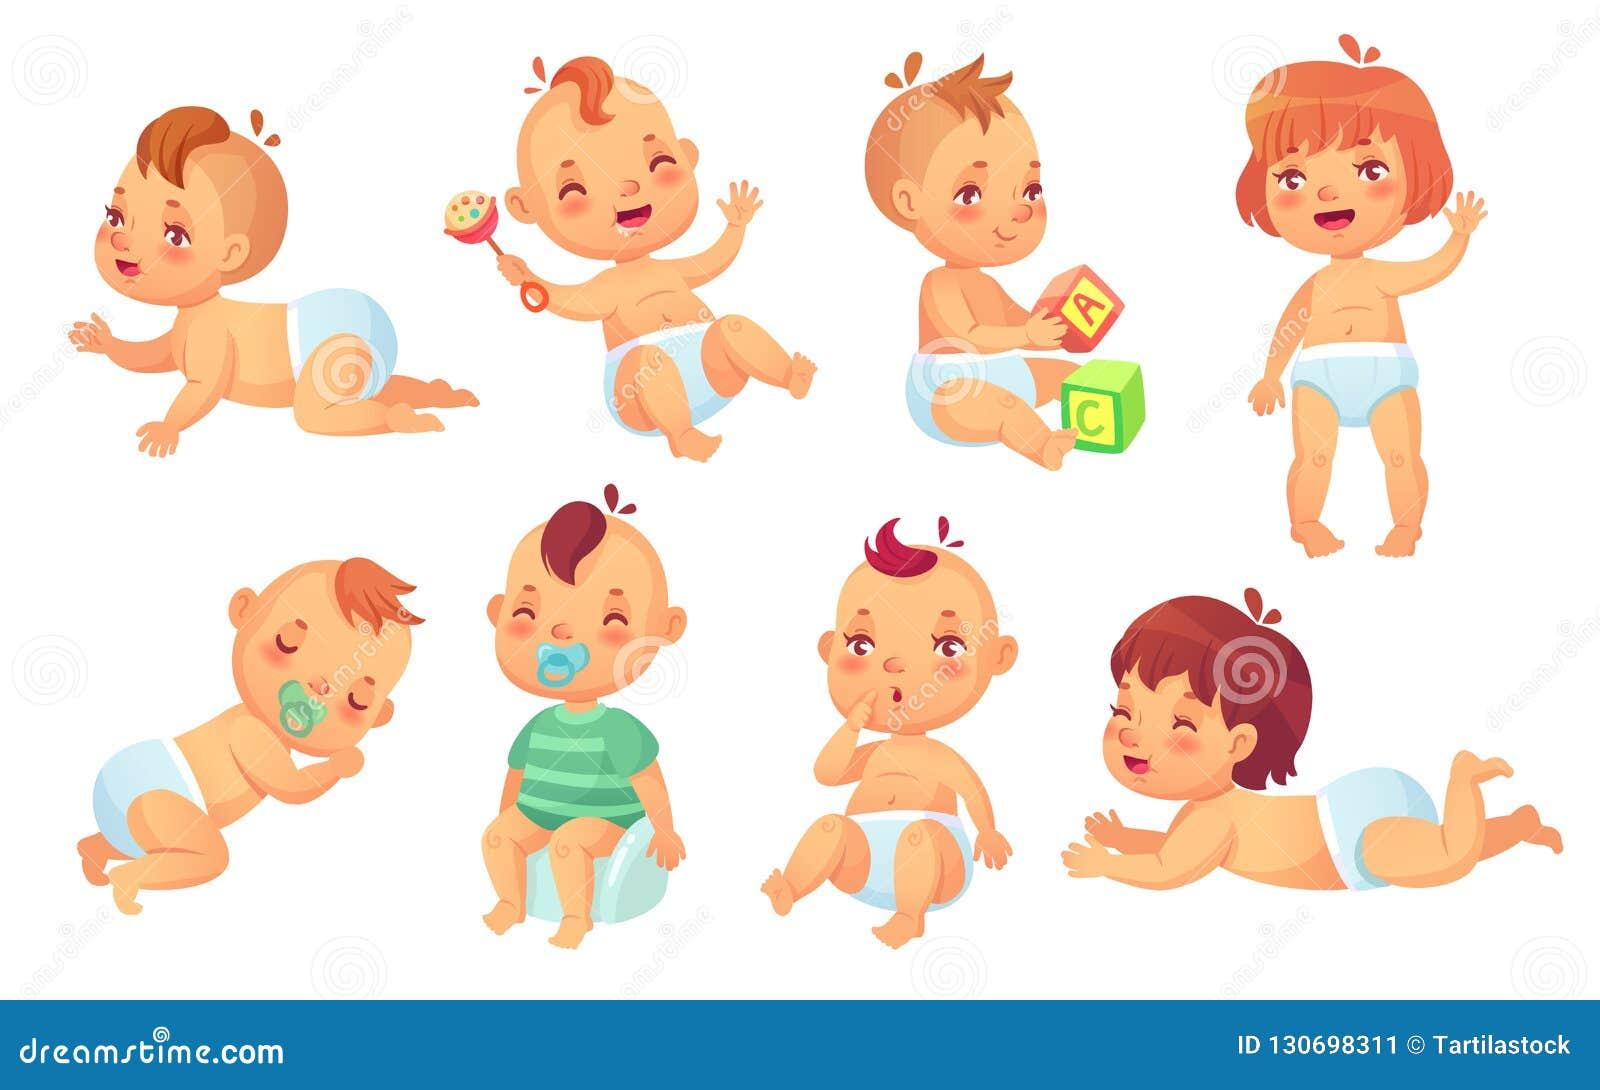 Słodkie dziecko Szczęśliwy kreskówek dzieci, uśmiechniętego i roześmianego berbeć, odizolowywał wektorowego charakteru - set